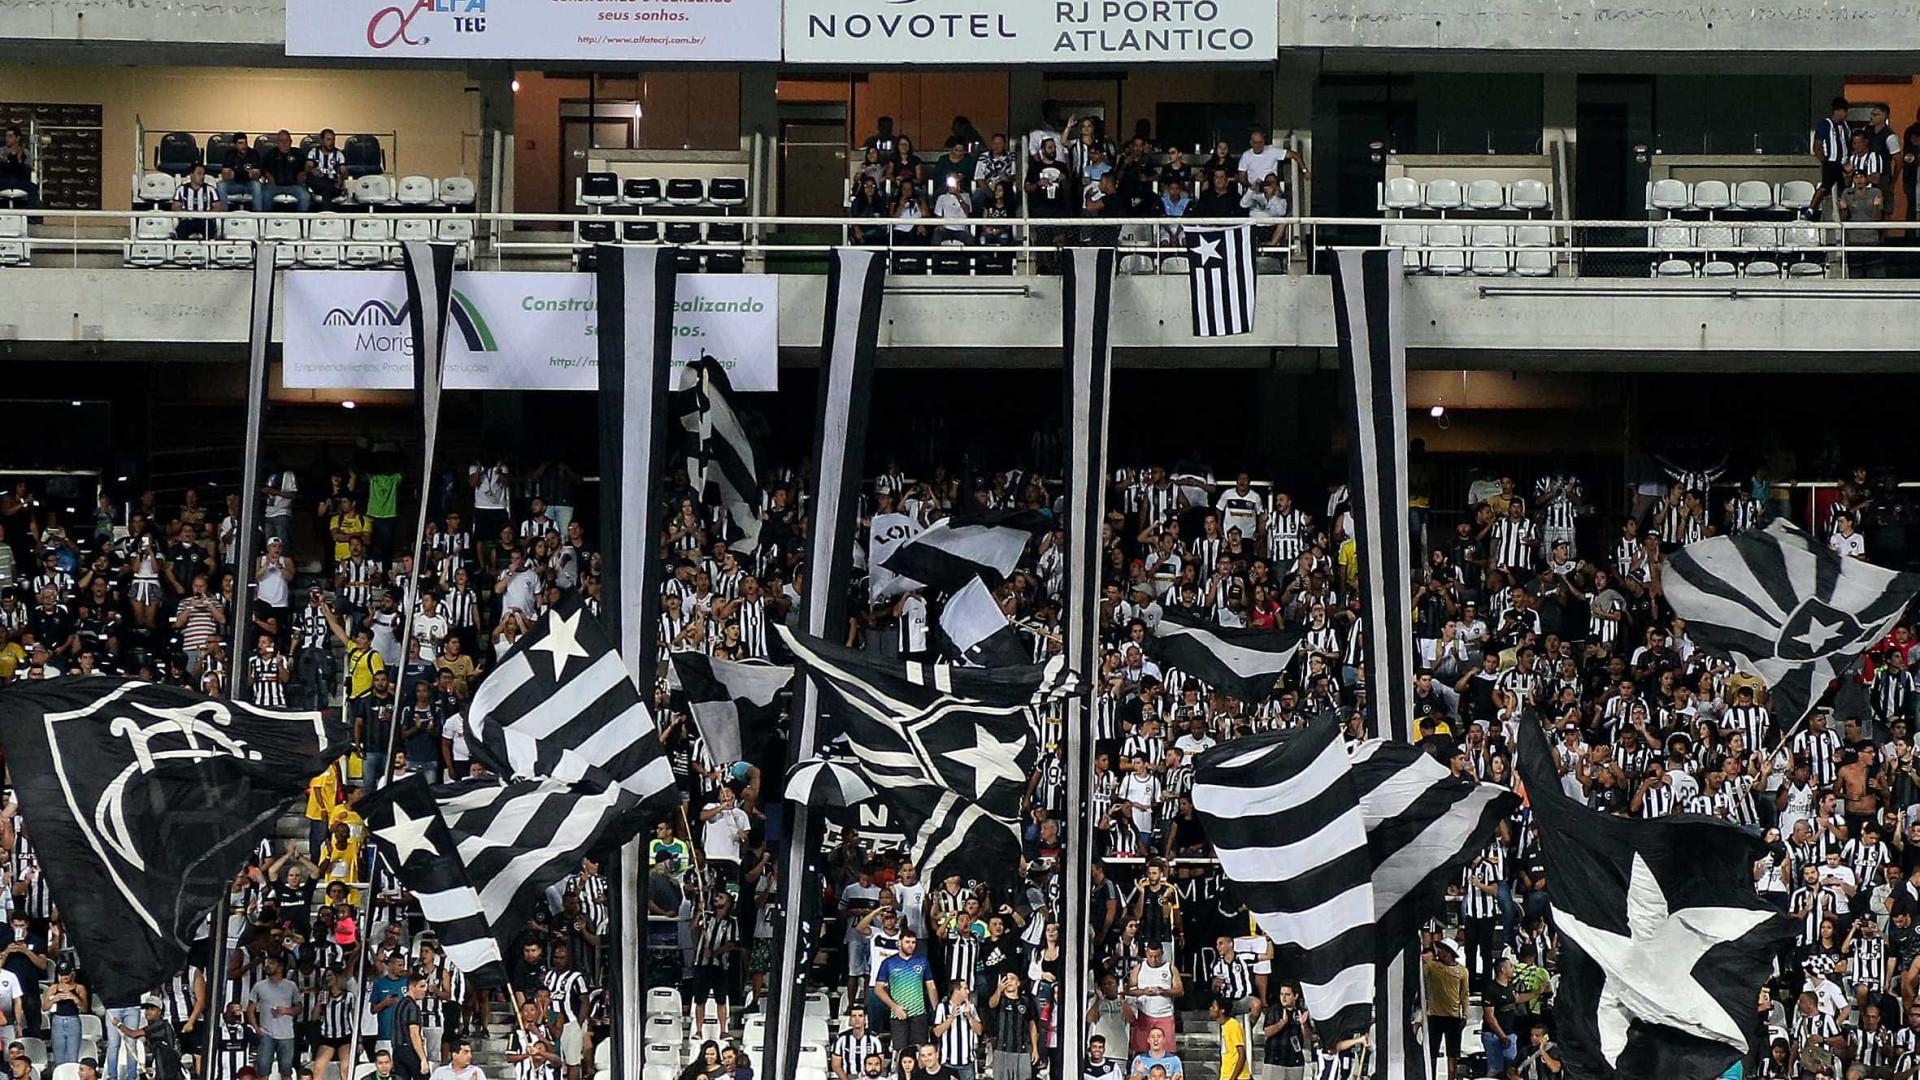 Pressionado, Valentim muda Botafogo para o clássico com Flamengo